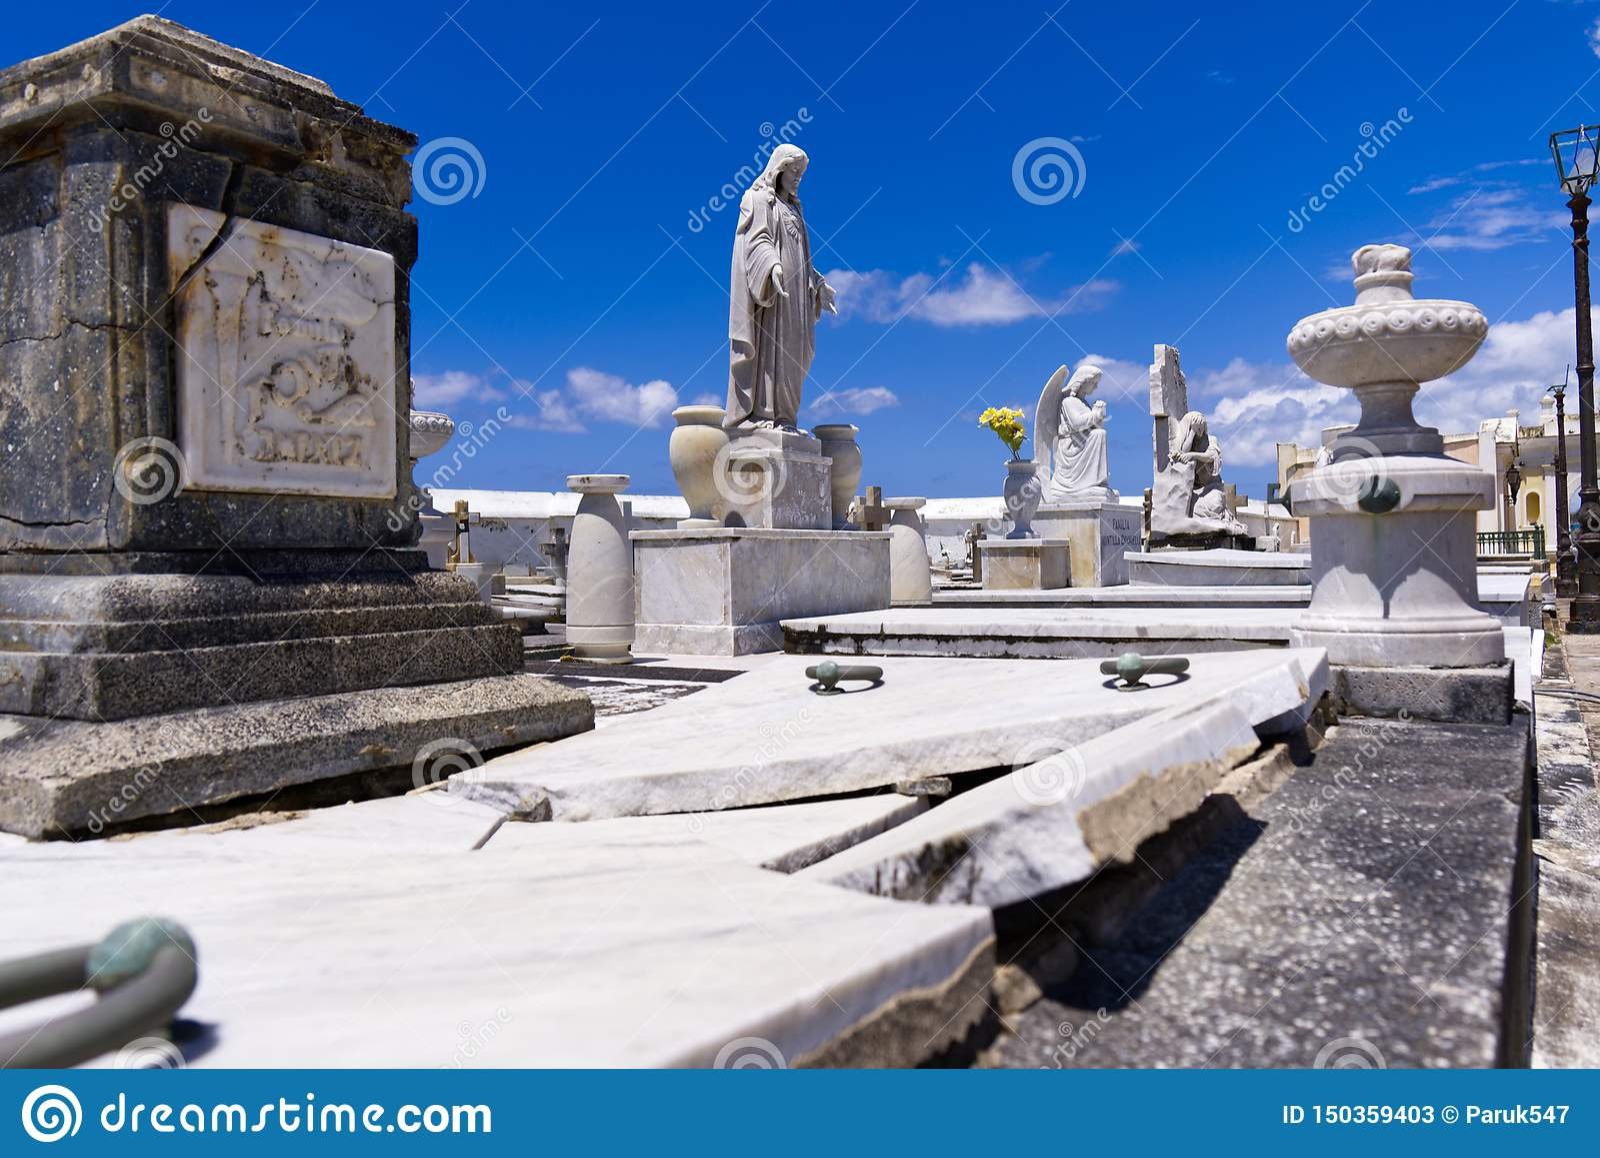 Estátua com sepultura quebrada